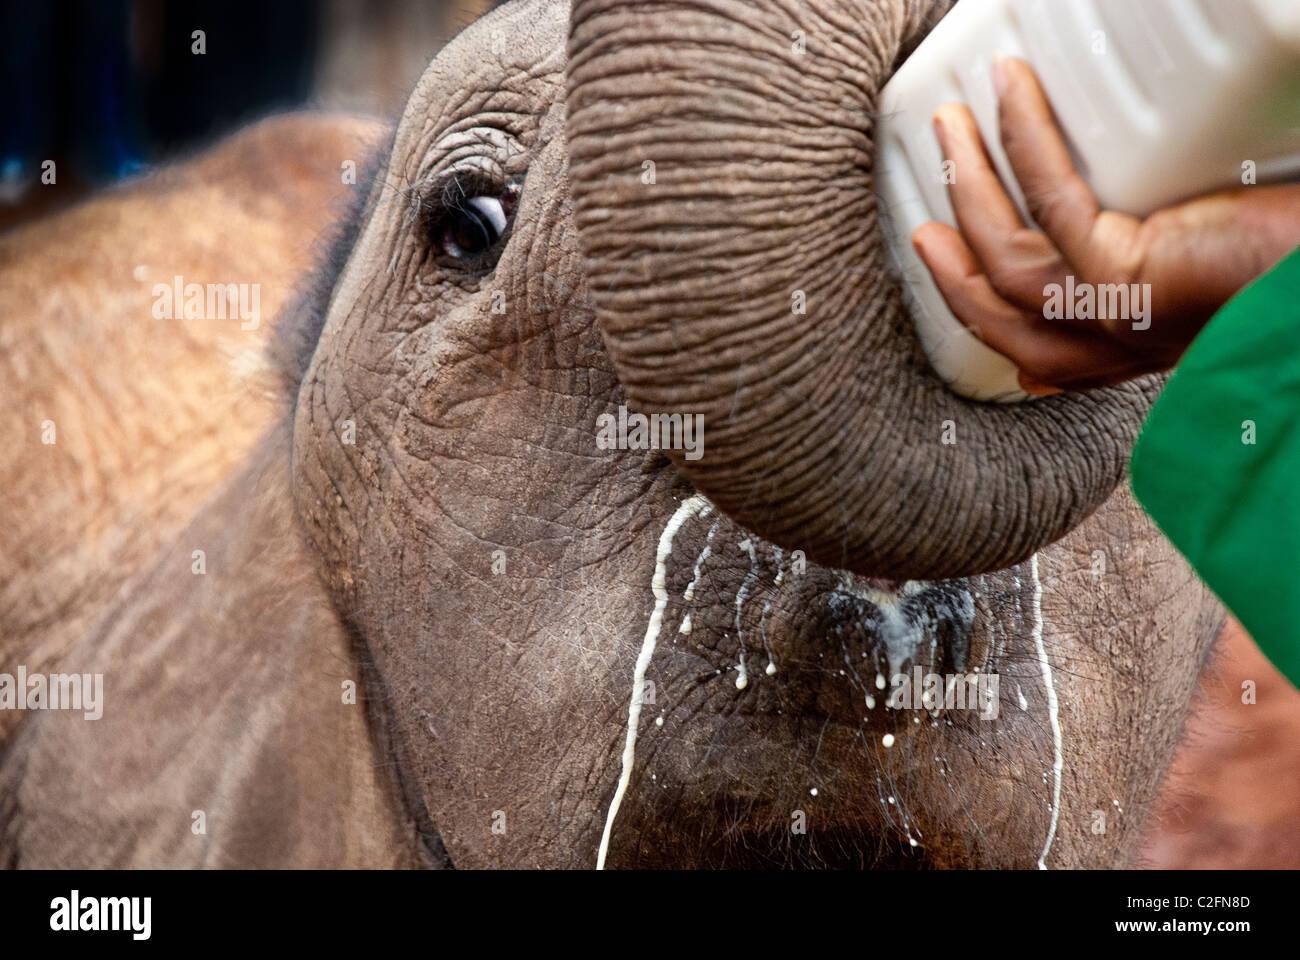 Afrikanischer Elefant Kalb, Loxodonta Africana, trinken Milch aus einer Flasche, Sheldrick Elephant Orphanage, Nairobi, Stockbild